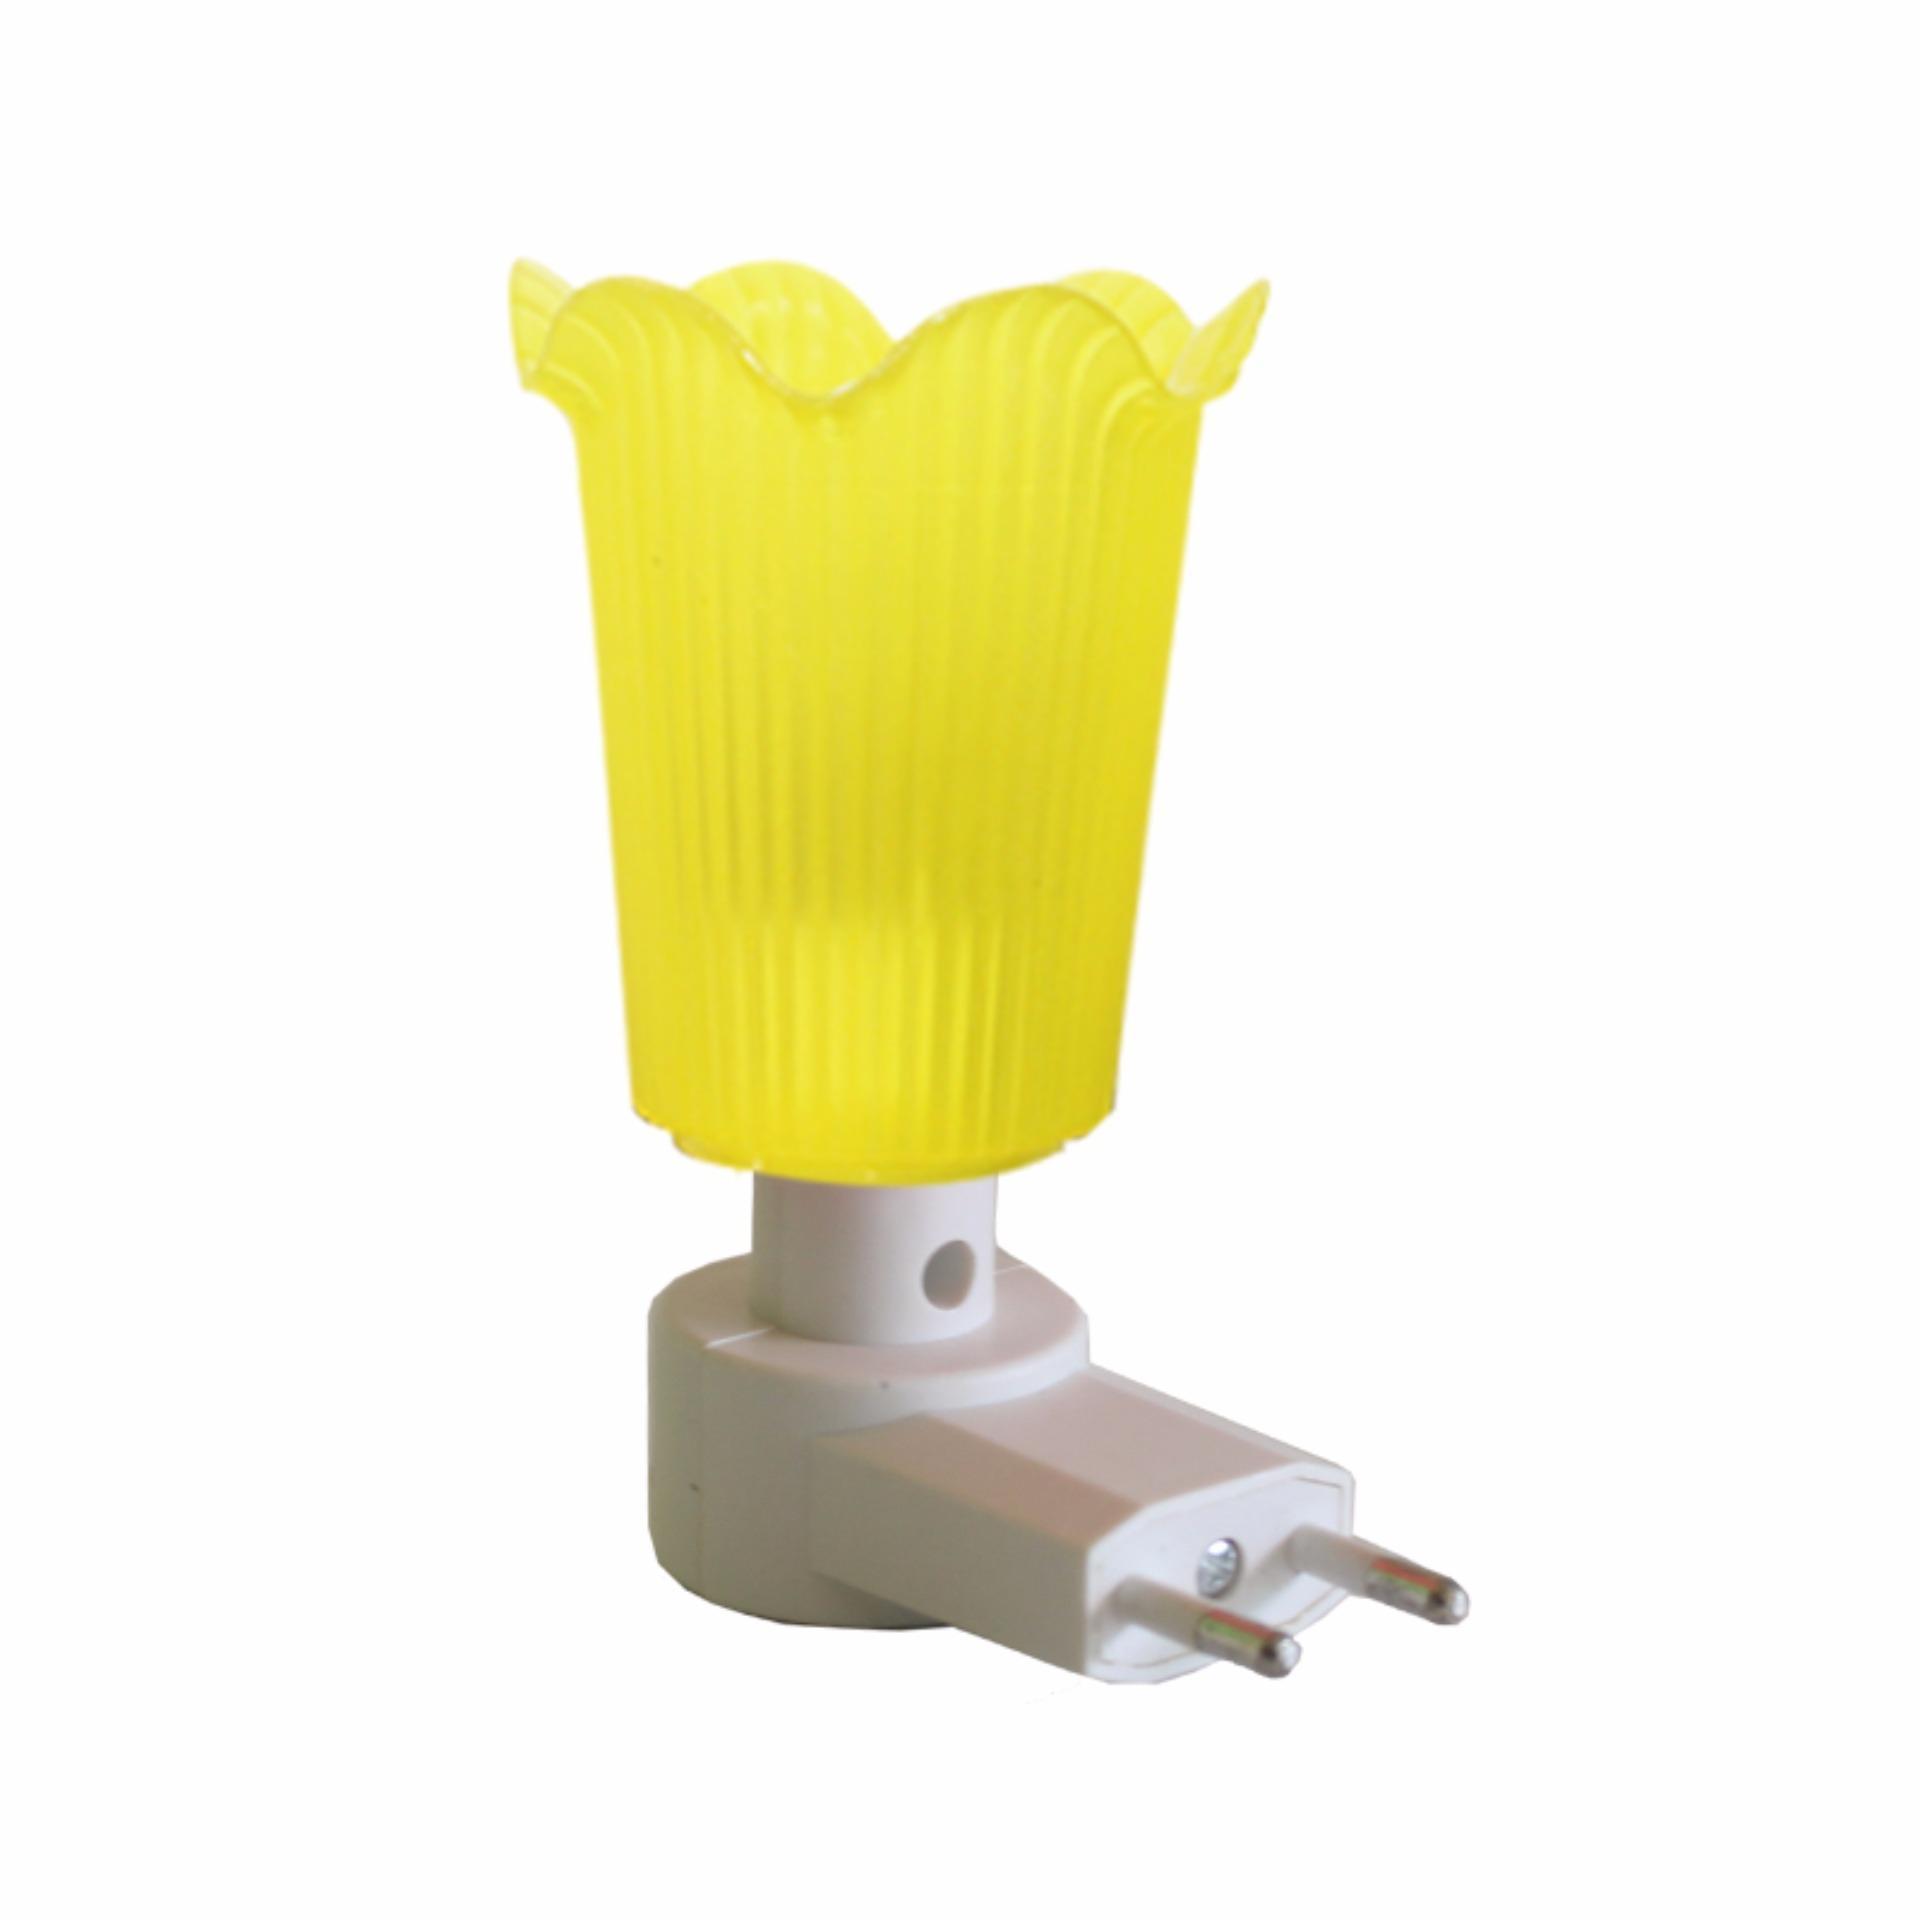 EELIC LAU-JM995 KUNING Mini Lamp Lampu Tidur Model Bunga Cantik Malam Hari